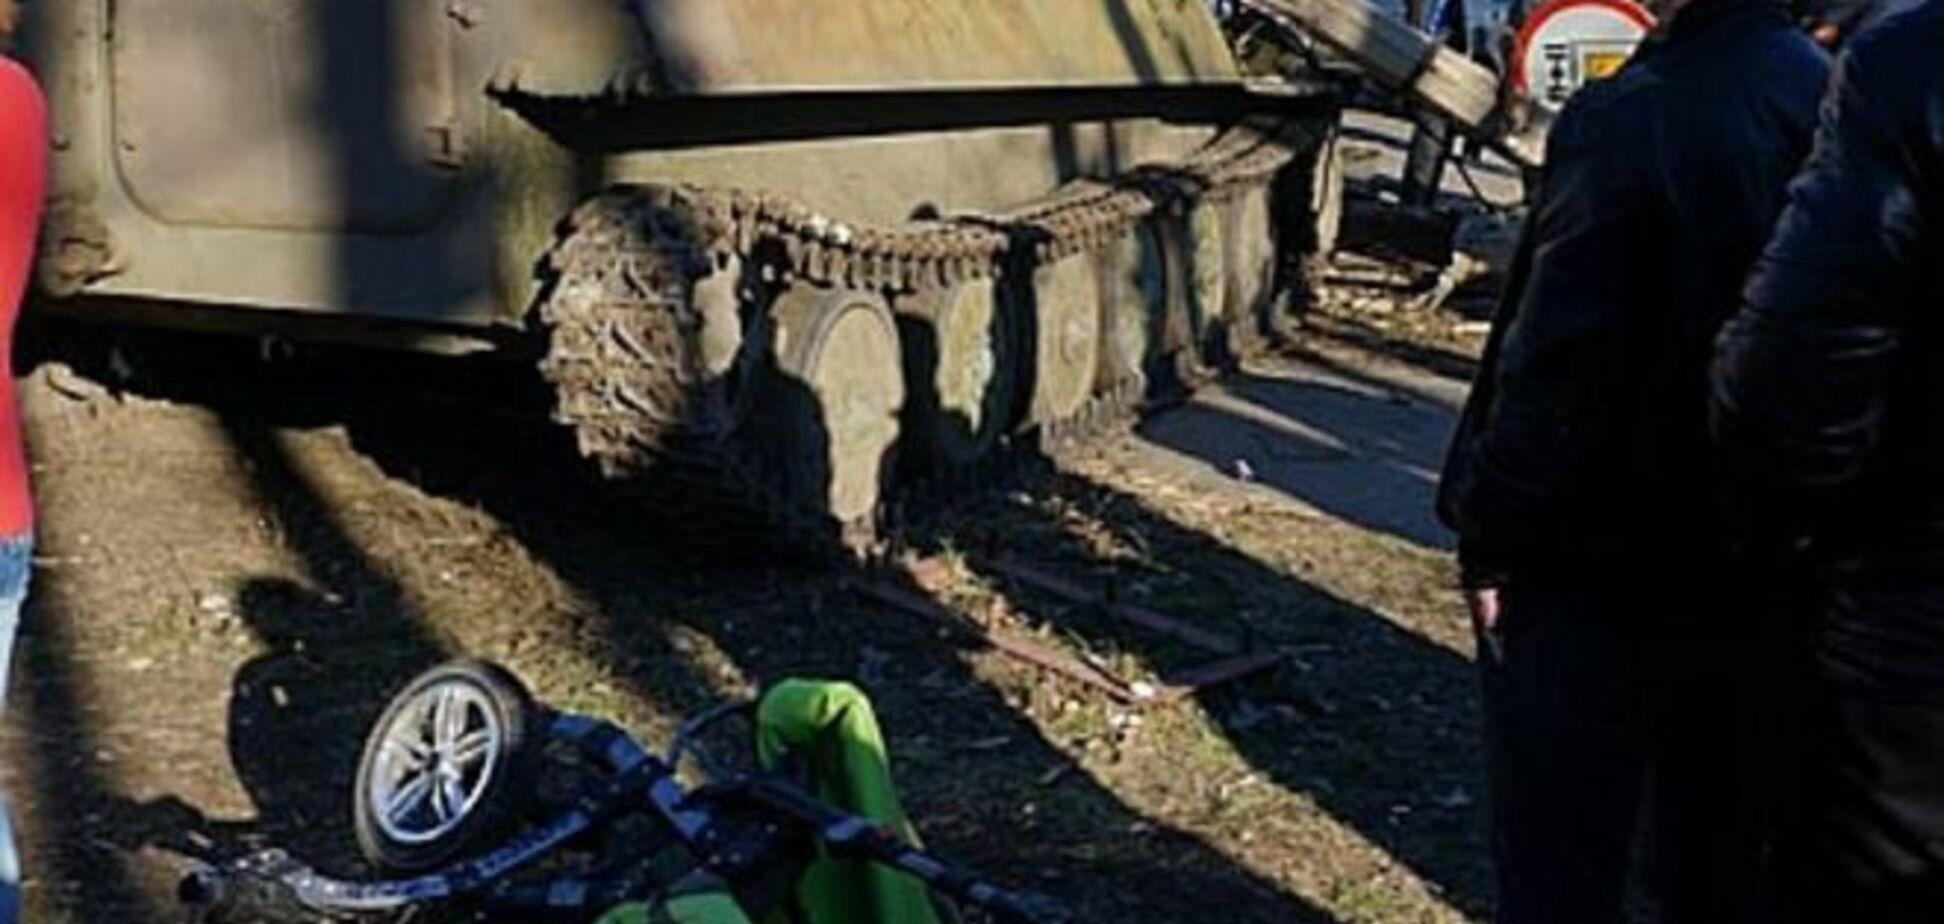 В Константиновке разъяренные жители забросали камнями БМП после смерти ребенка в аварии